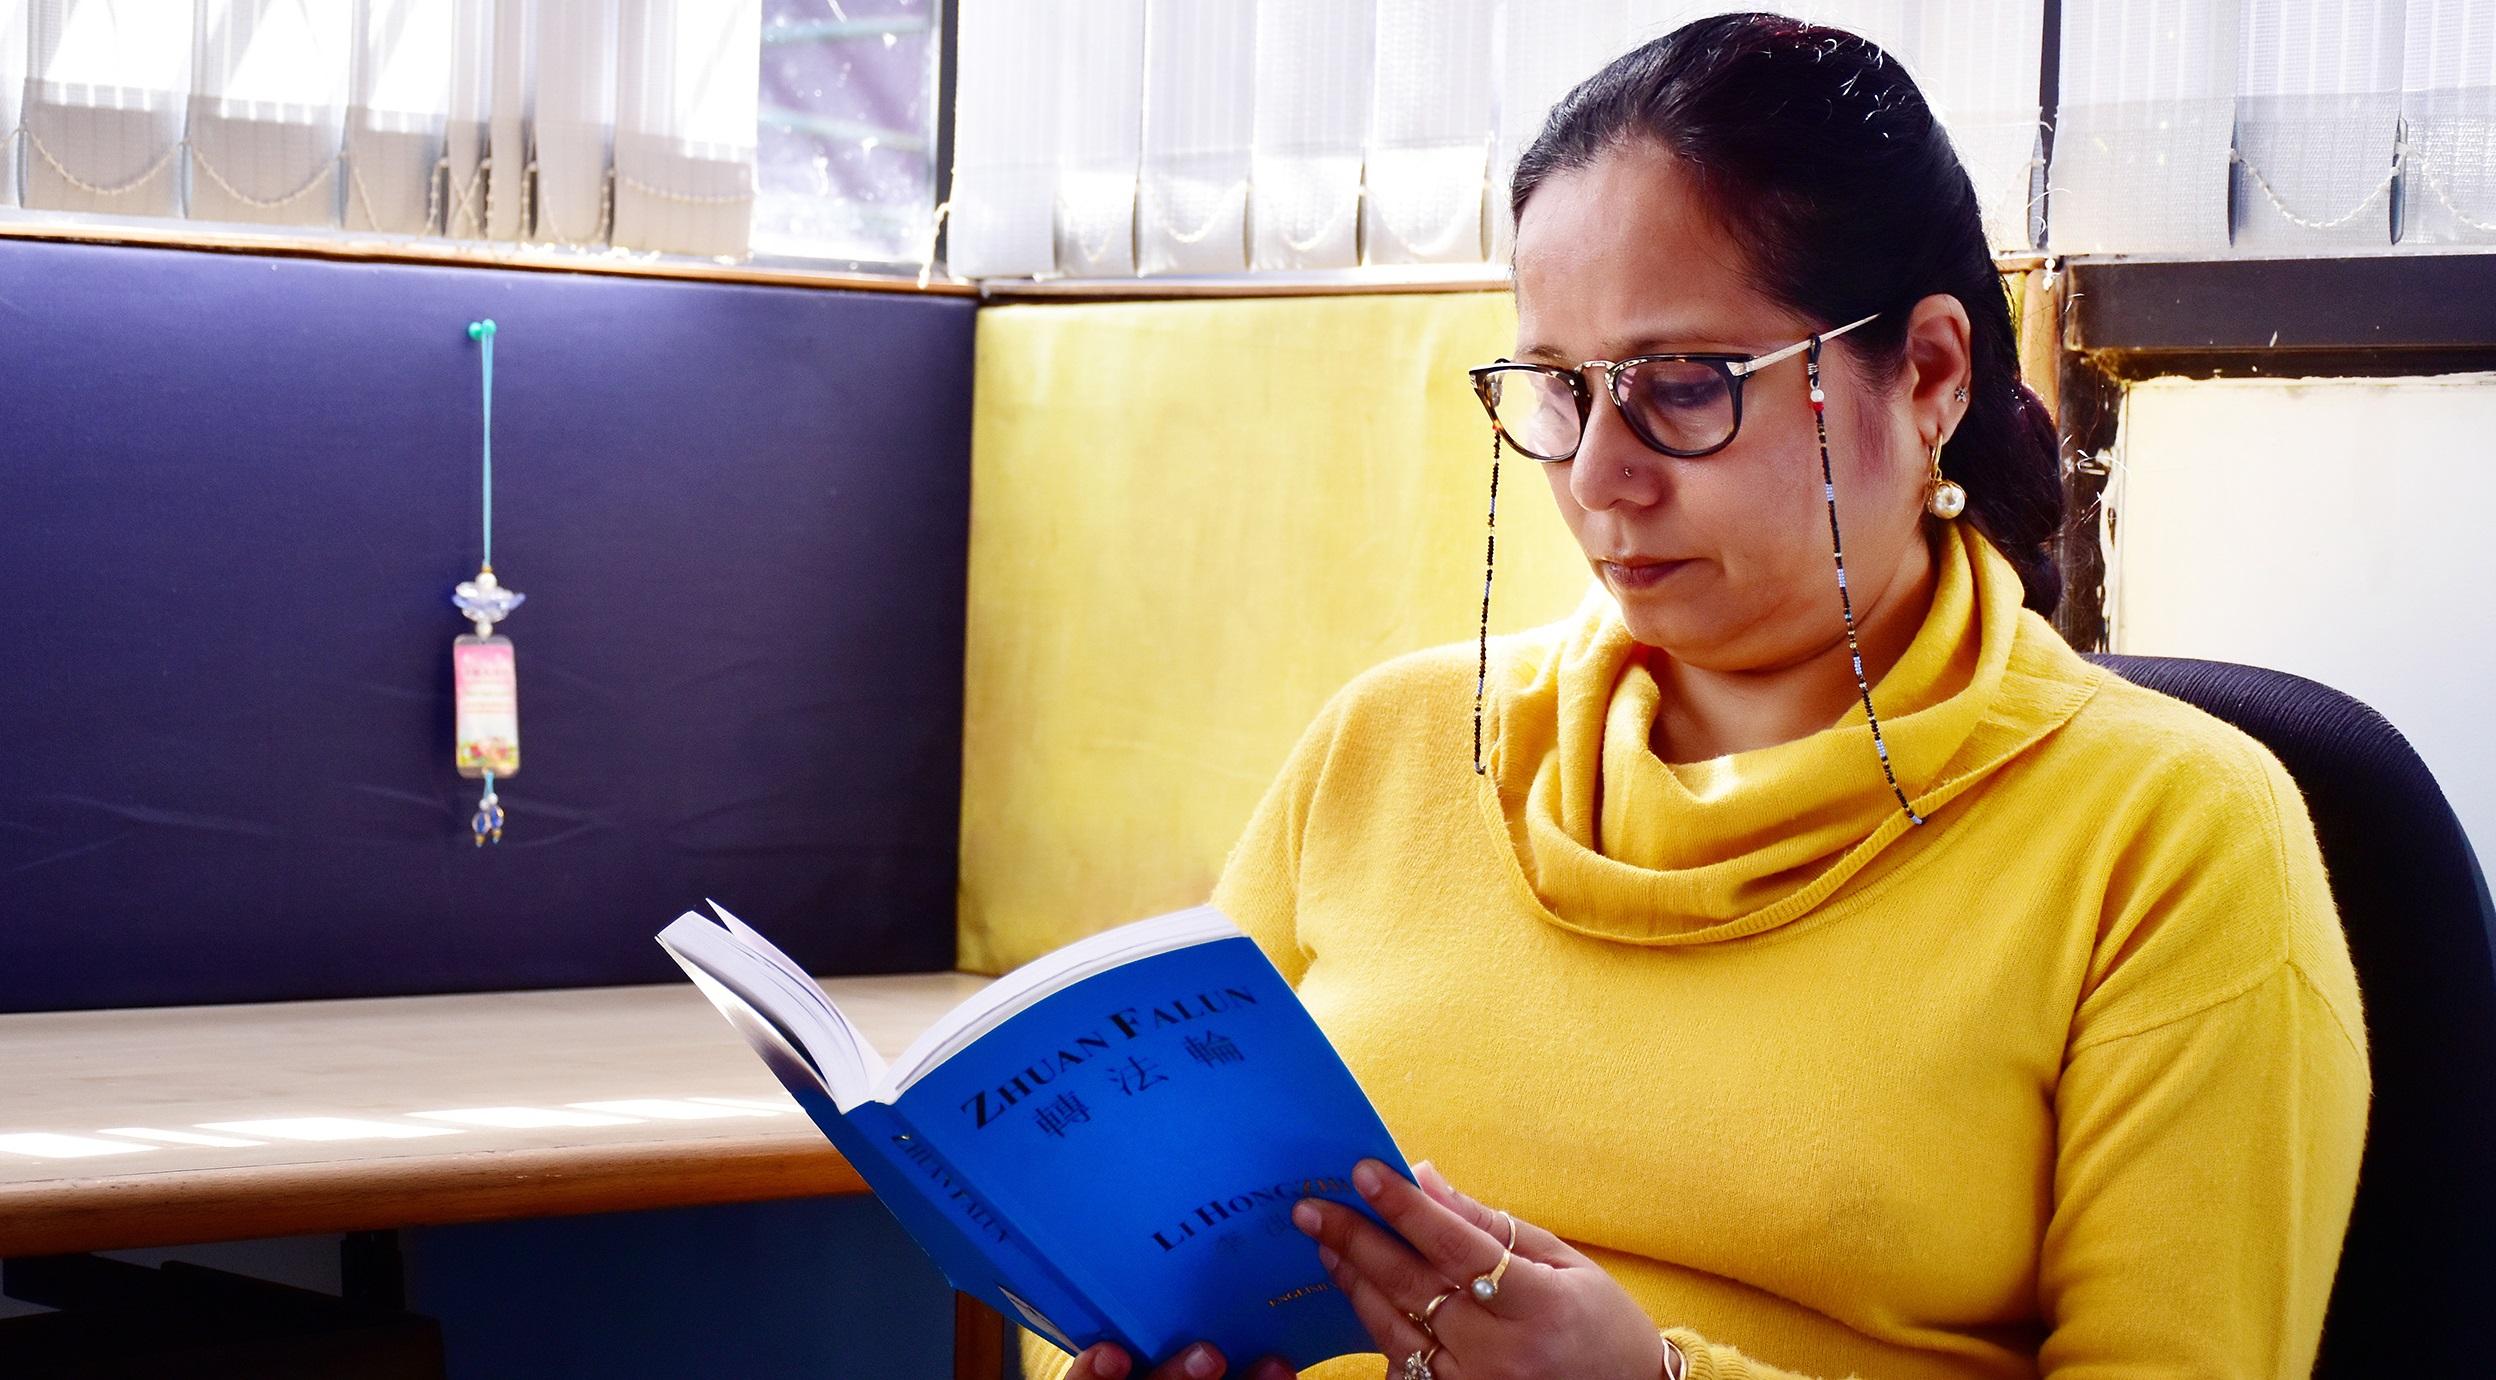 """Cựu hiệu trưởng 5 trường học tại Ấn Độ: """"Chân Thiện Nhẫn"""" giúp tôi trở thành một """"hiệu trưởng ôn hòa"""""""